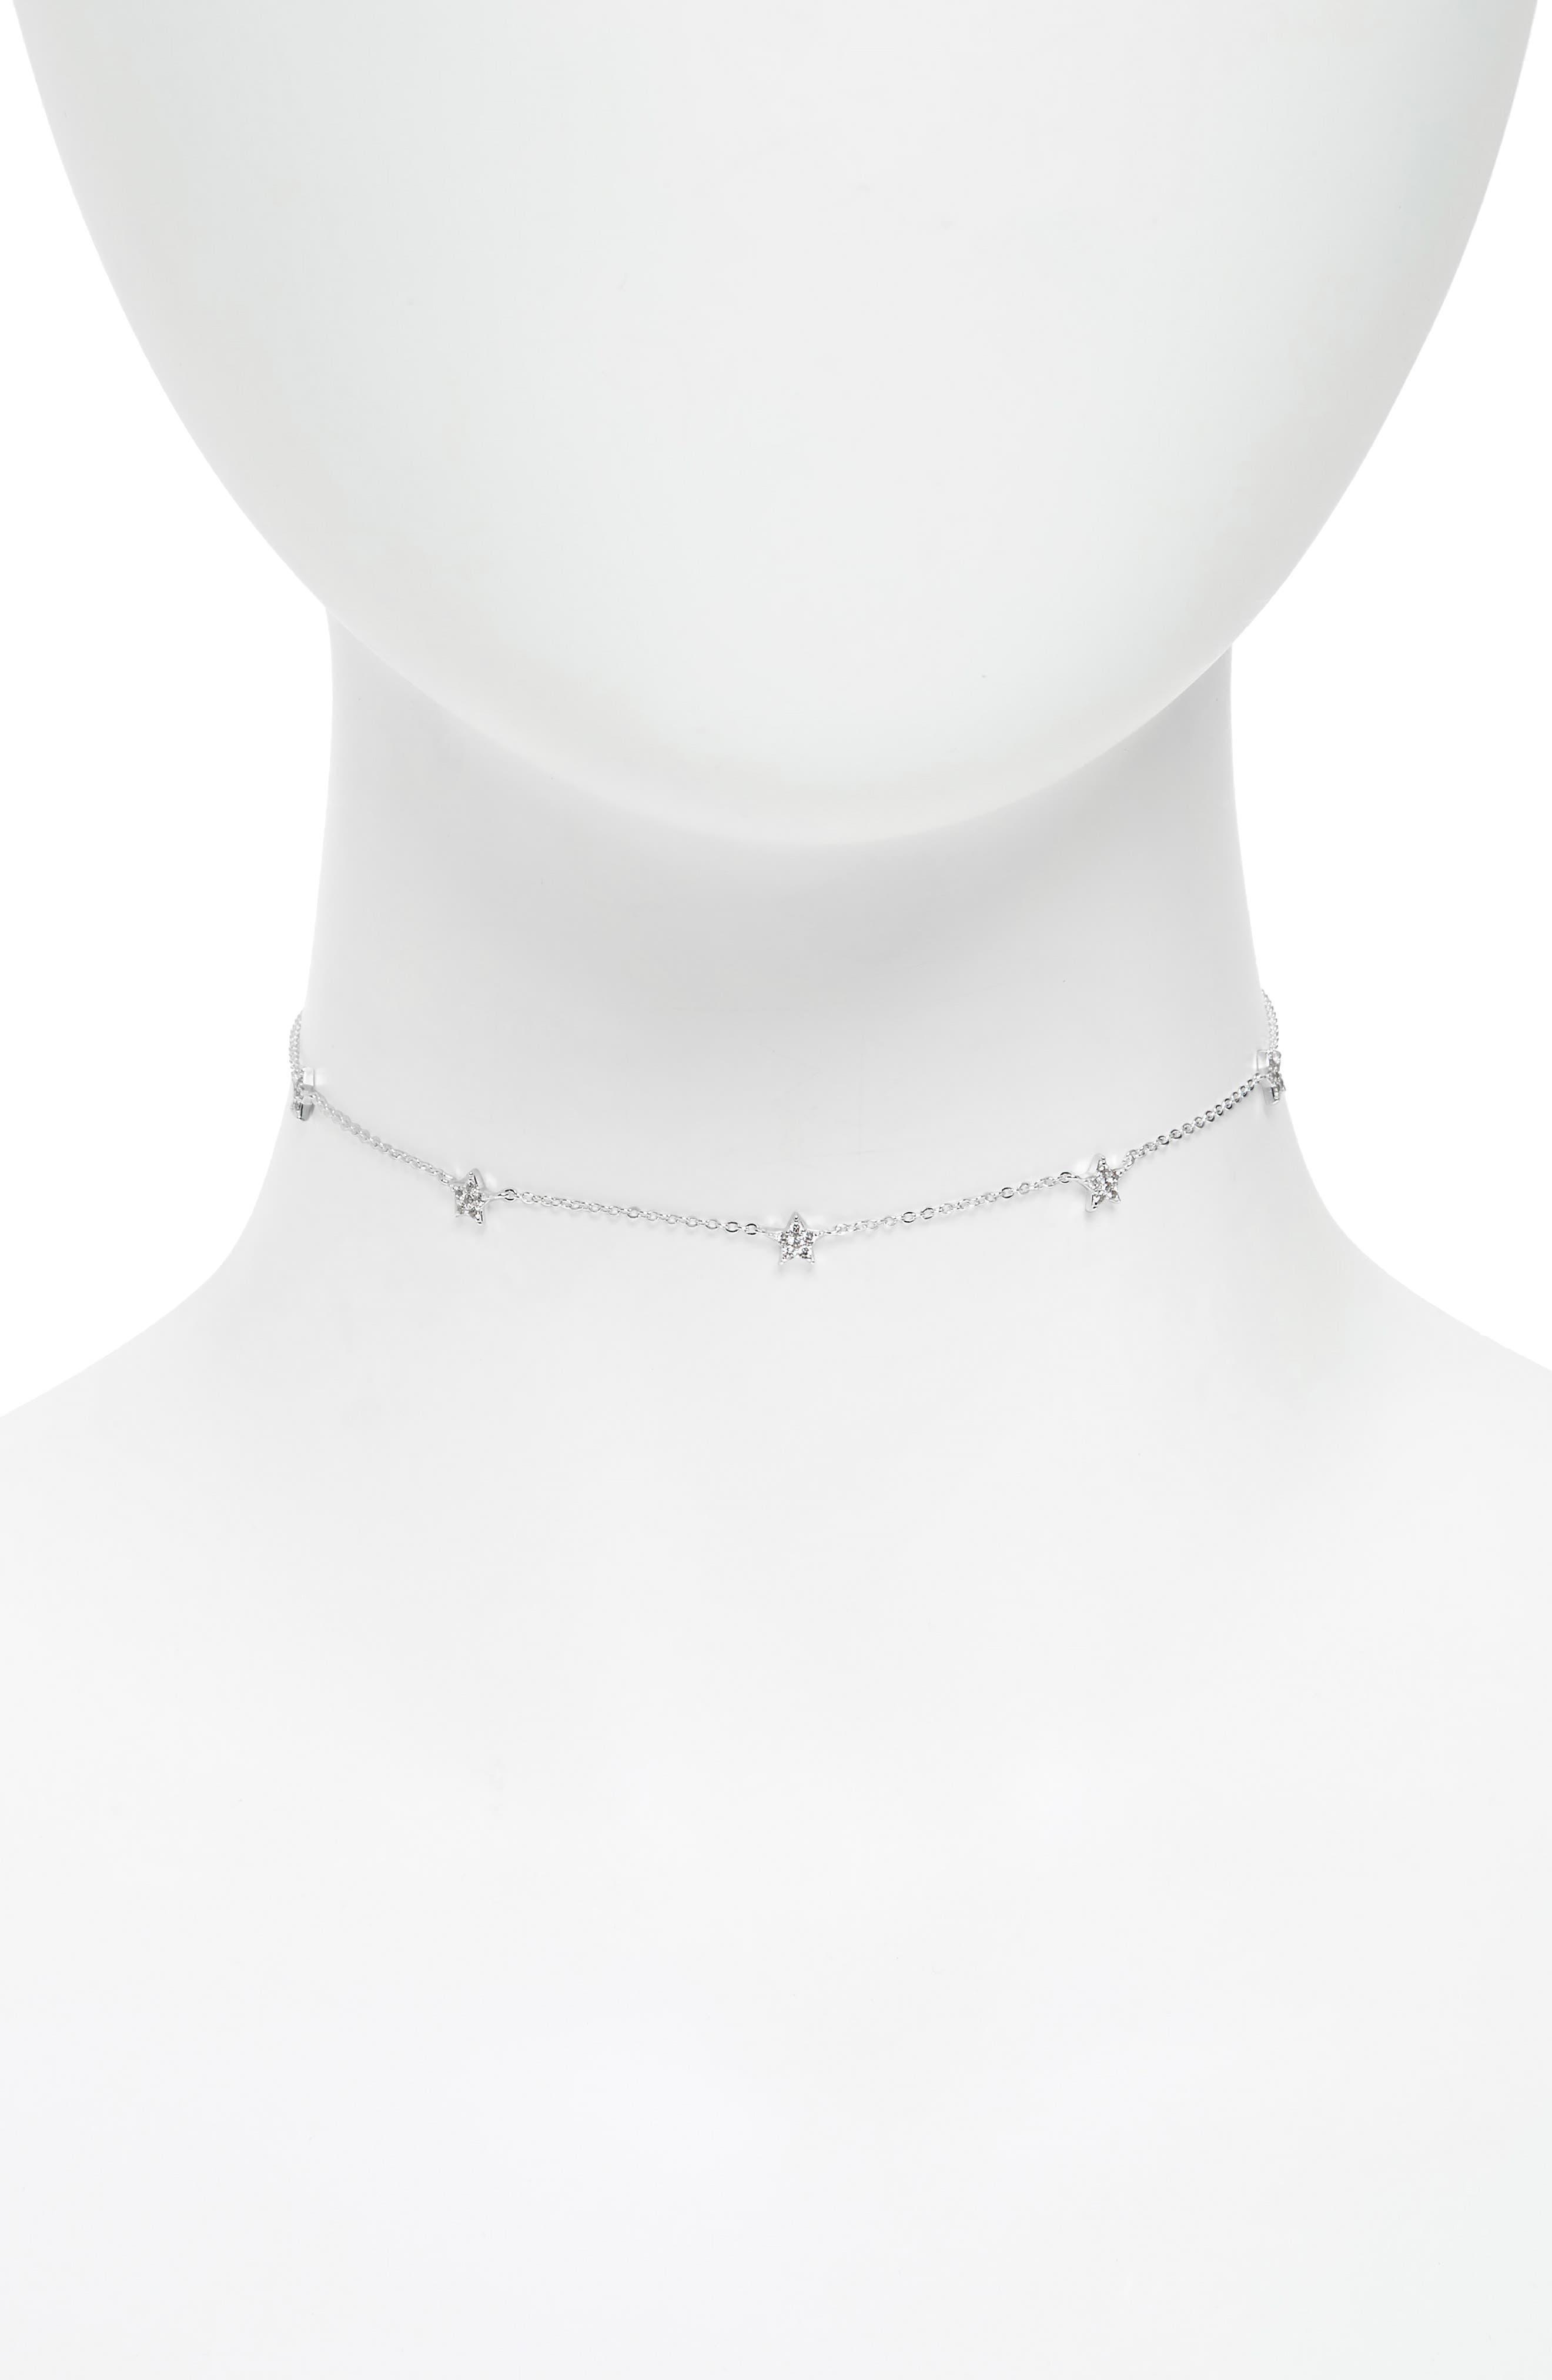 ARGENTO VIVO, Pavé Star Choker Necklace, Main thumbnail 1, color, SILVER